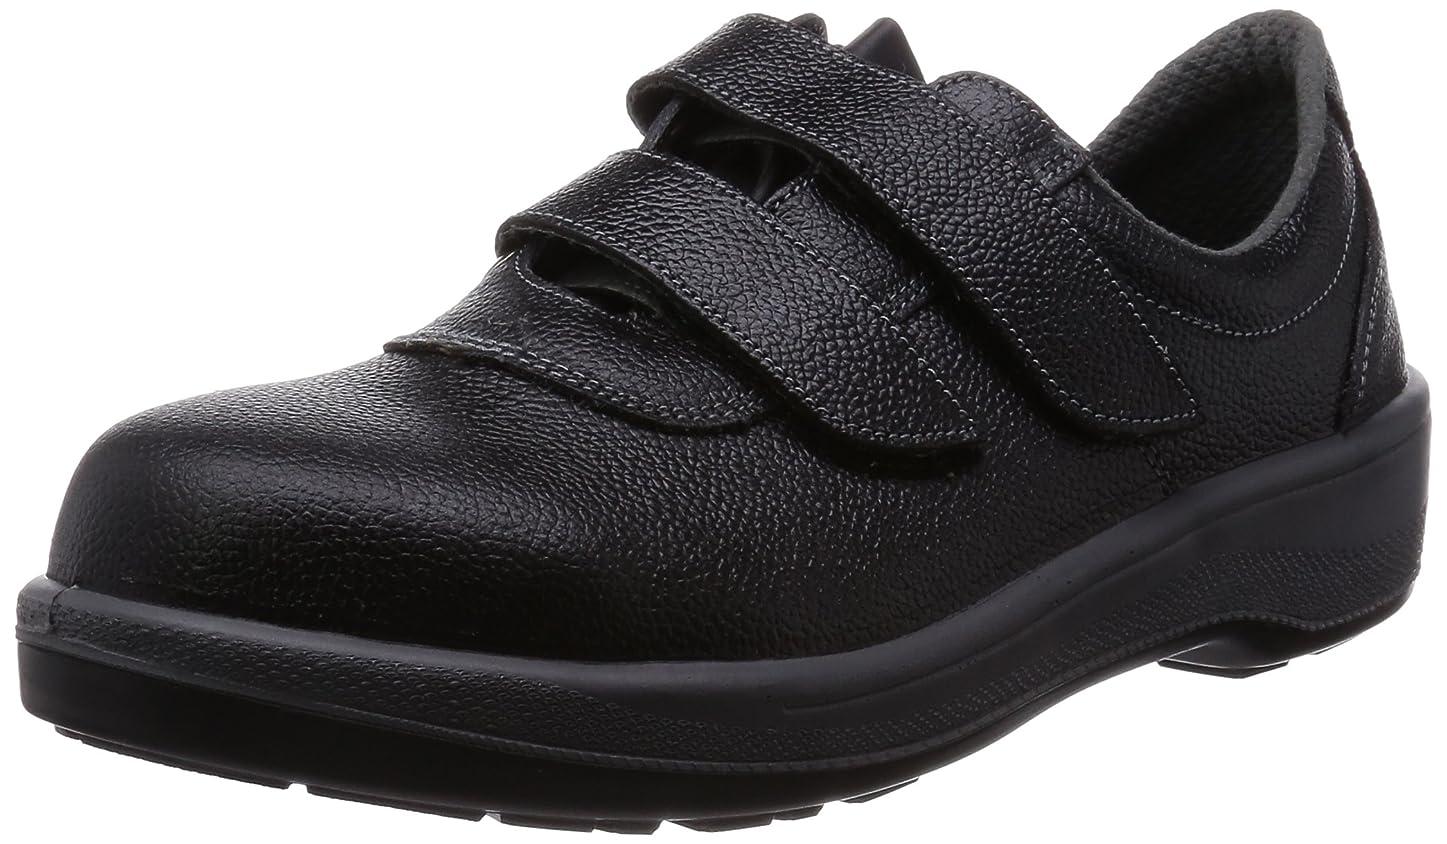 誰でもボタンボーナス安全靴 短靴 マジック 7500シリーズ メンズ